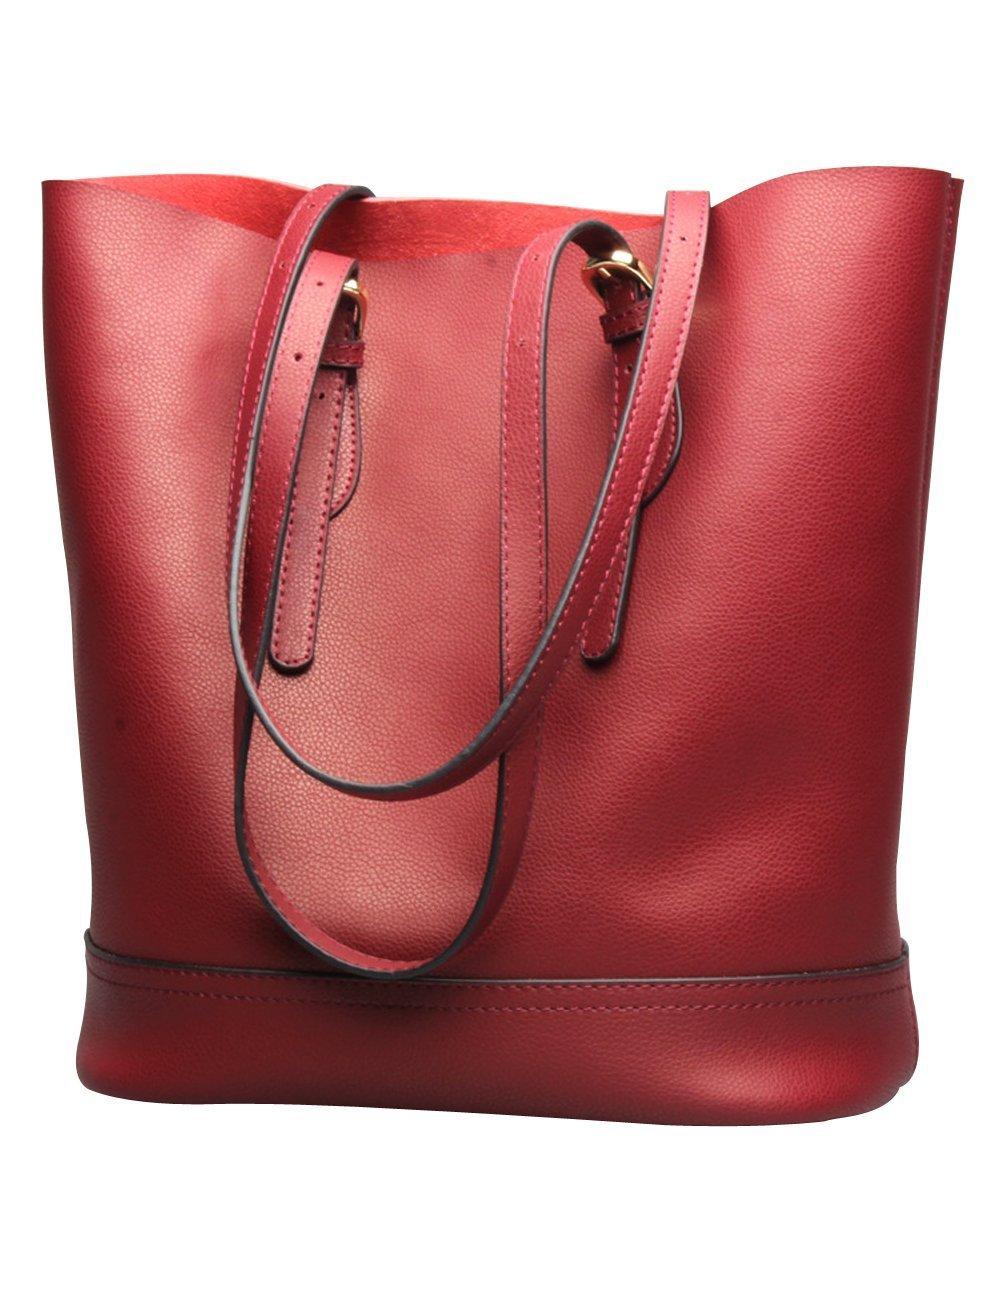 Galleon - Tote Shoulder Handbag 0522f75252d7a